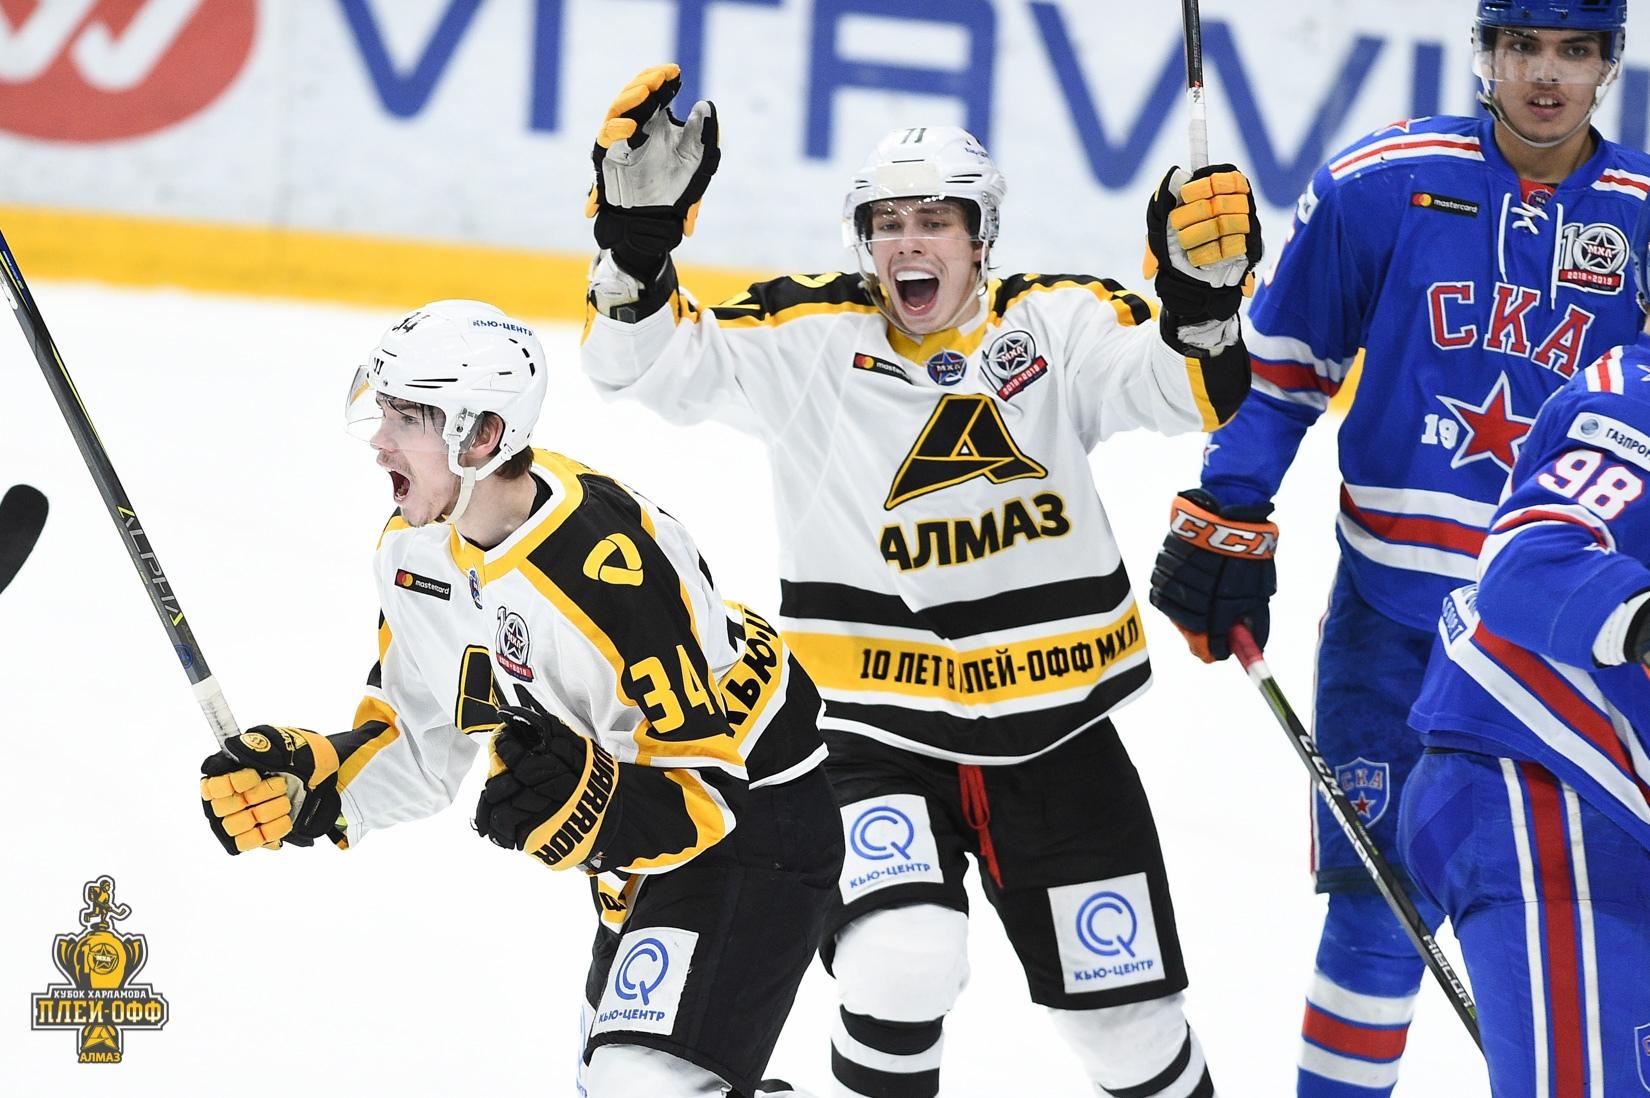 Череповецкий «Алмаз» дважды уступил «СКА 1946» в четвертьфинале Кубка Харламова